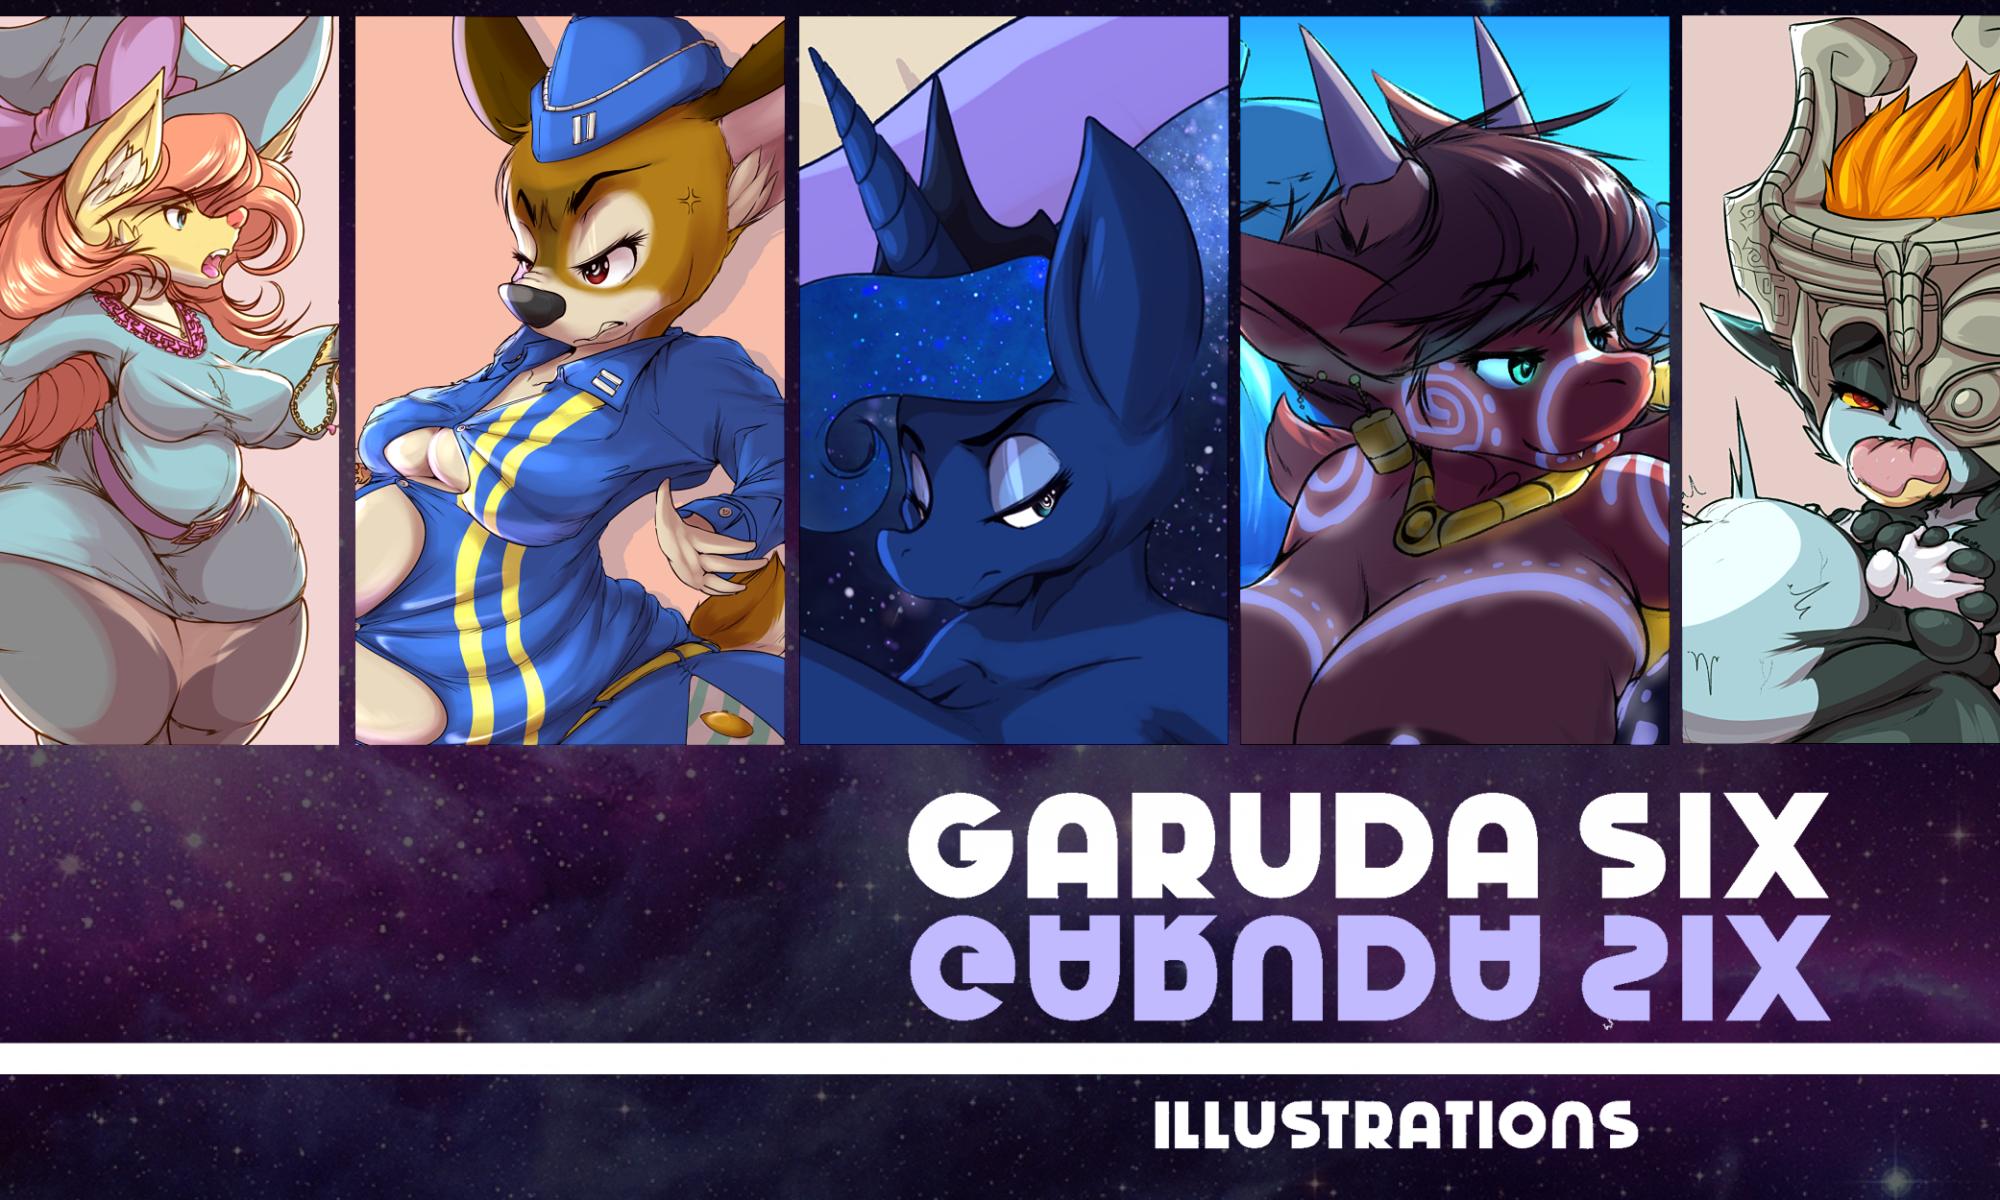 Garuda Six